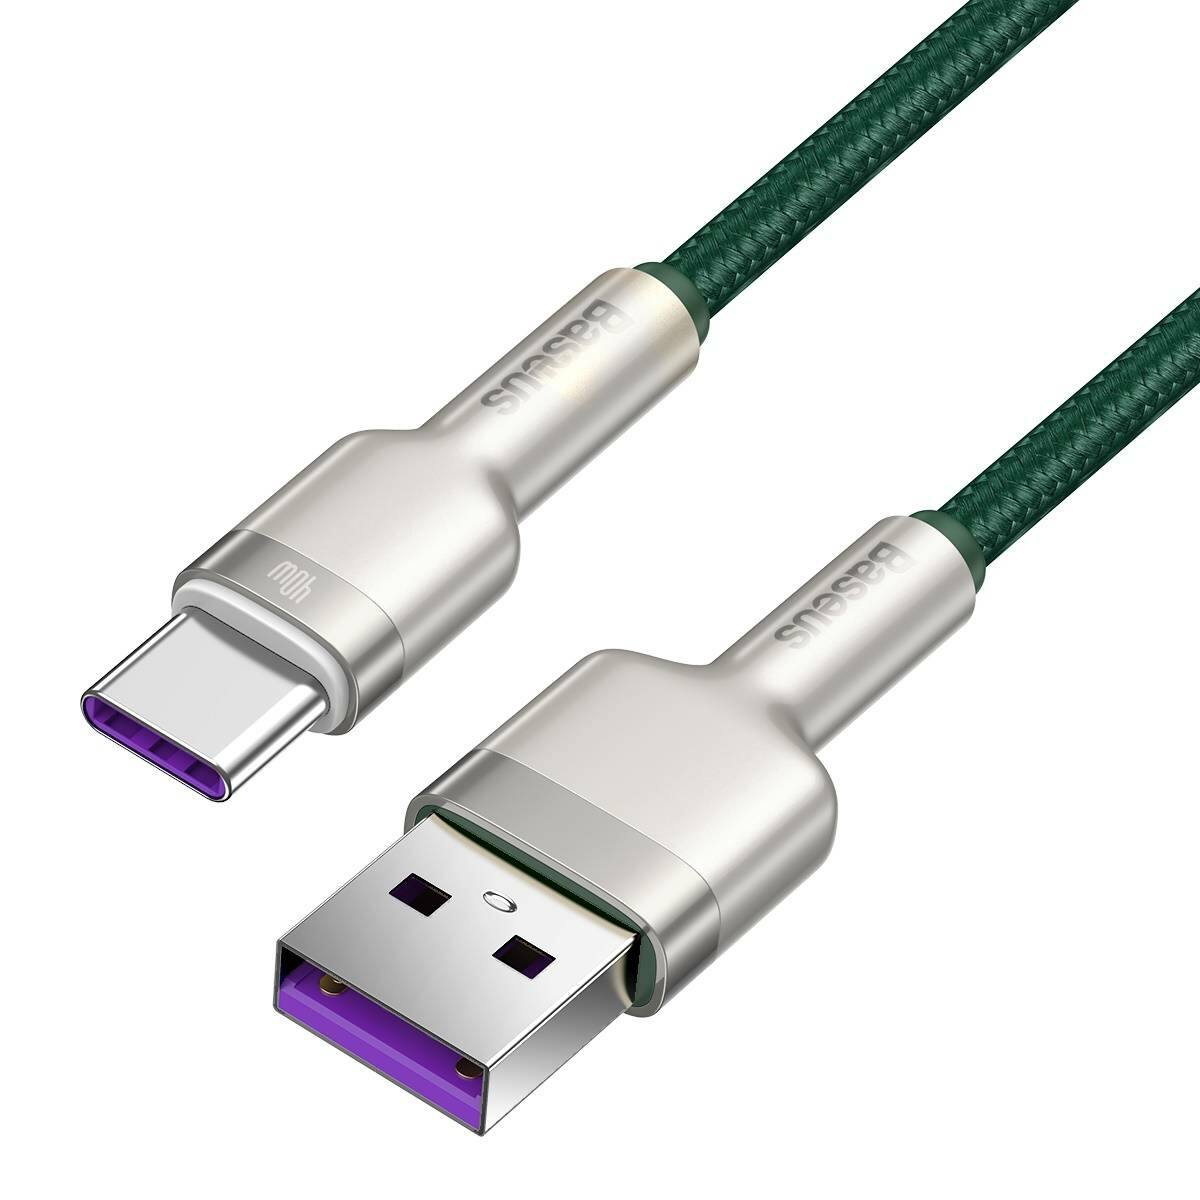 Baseus Type-C kábel, Cafule Series, gyorstötlő és adatkábel, 40W, 5A, 1m, zöld (CATJK-A06)